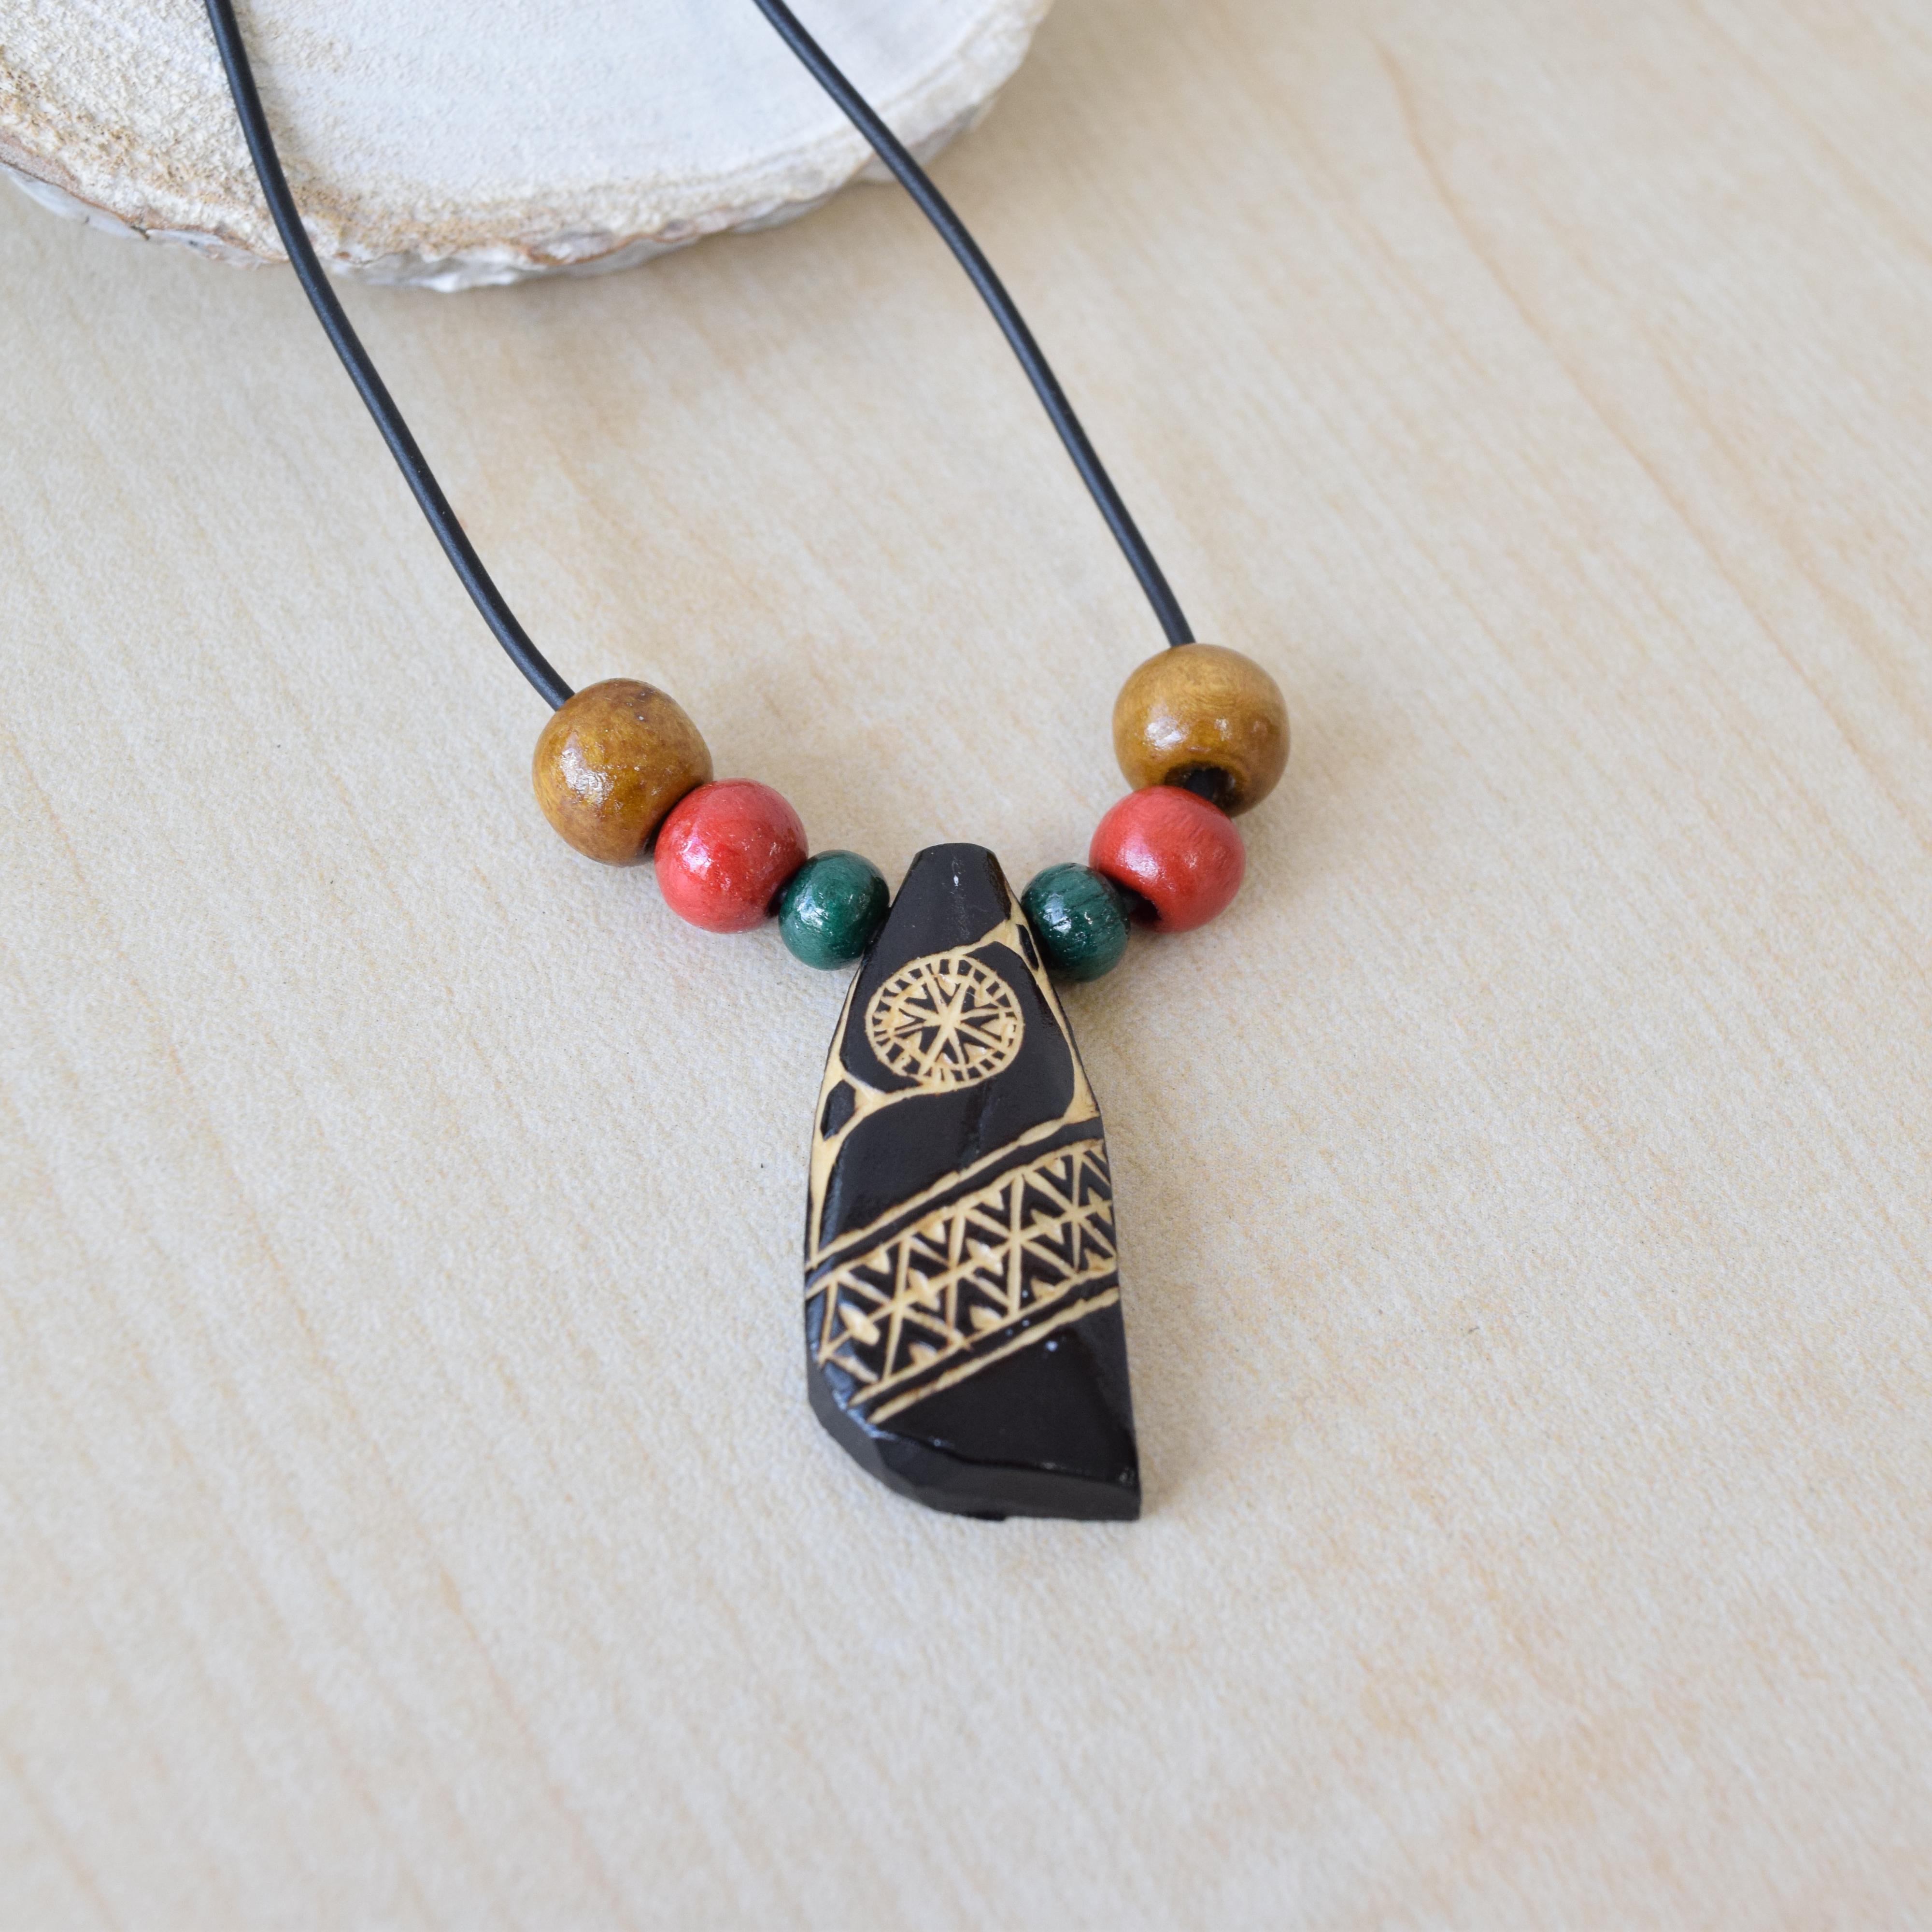 木彫りのネックレス(茶) Wood carving necklace(blown) 【さっぽろアイヌクラフト】